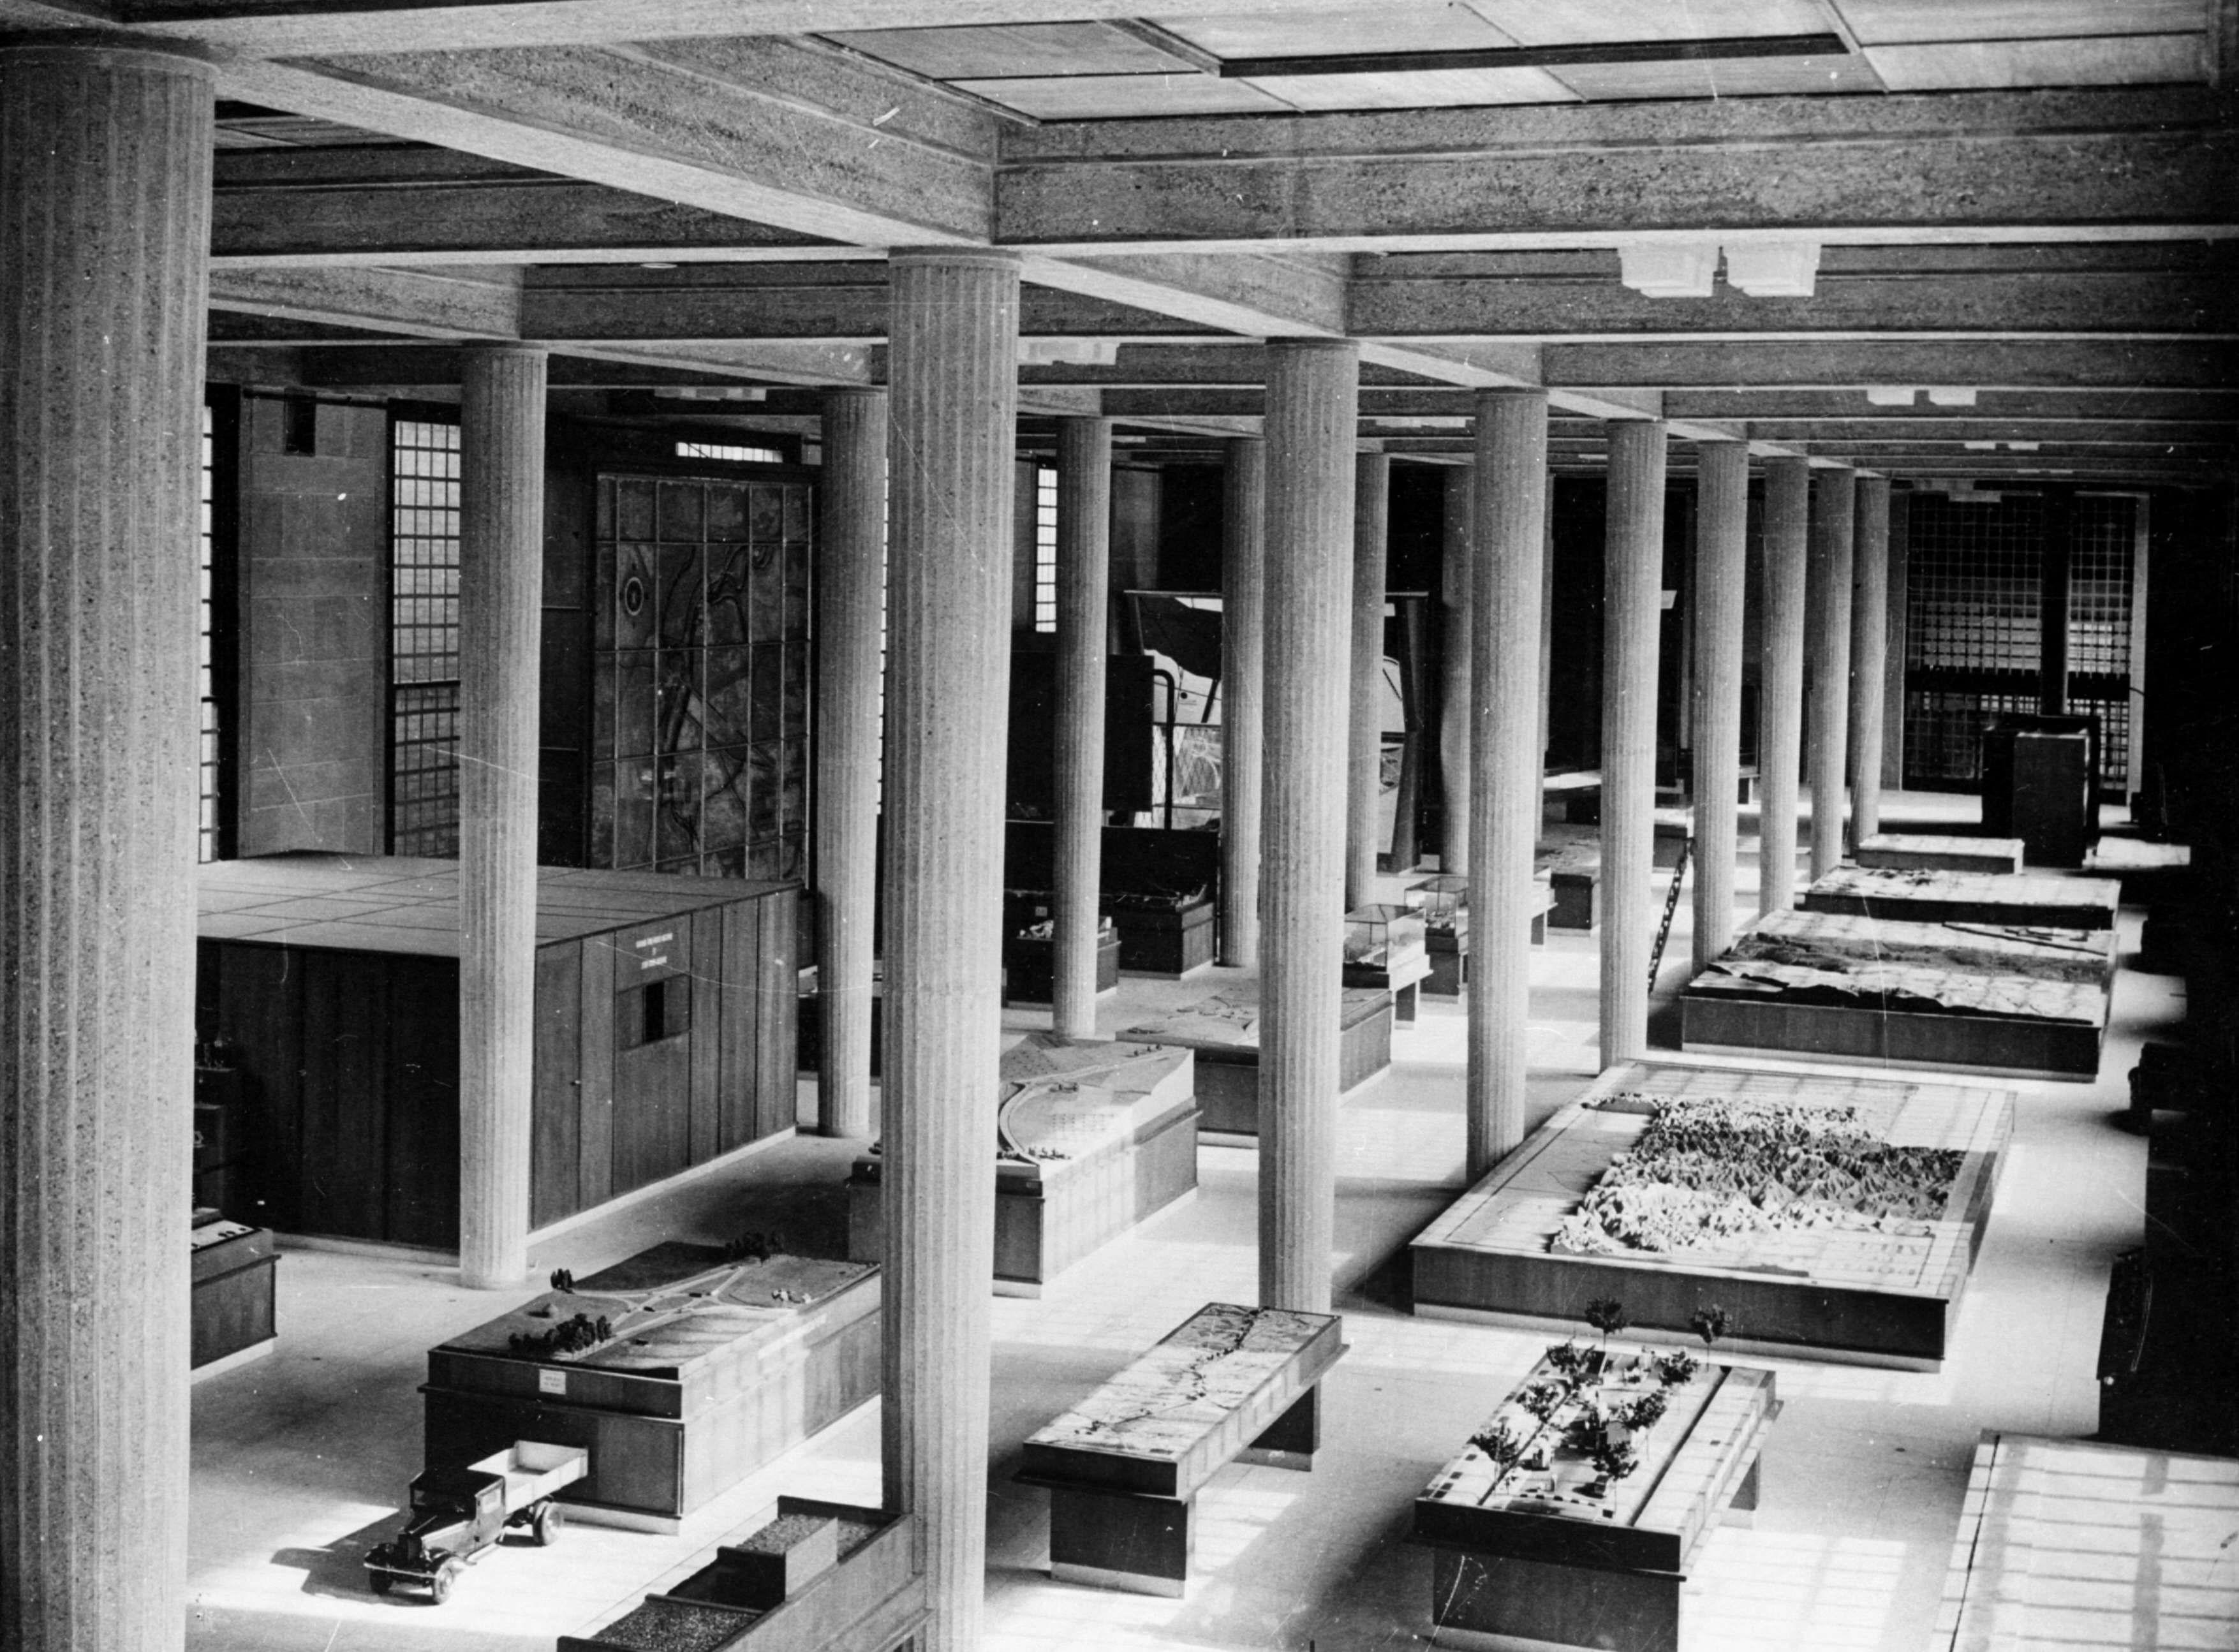 Image   La grande salle du Musée national des travaux publics, 1939 © Roger  Viollet 675f2a6631ef